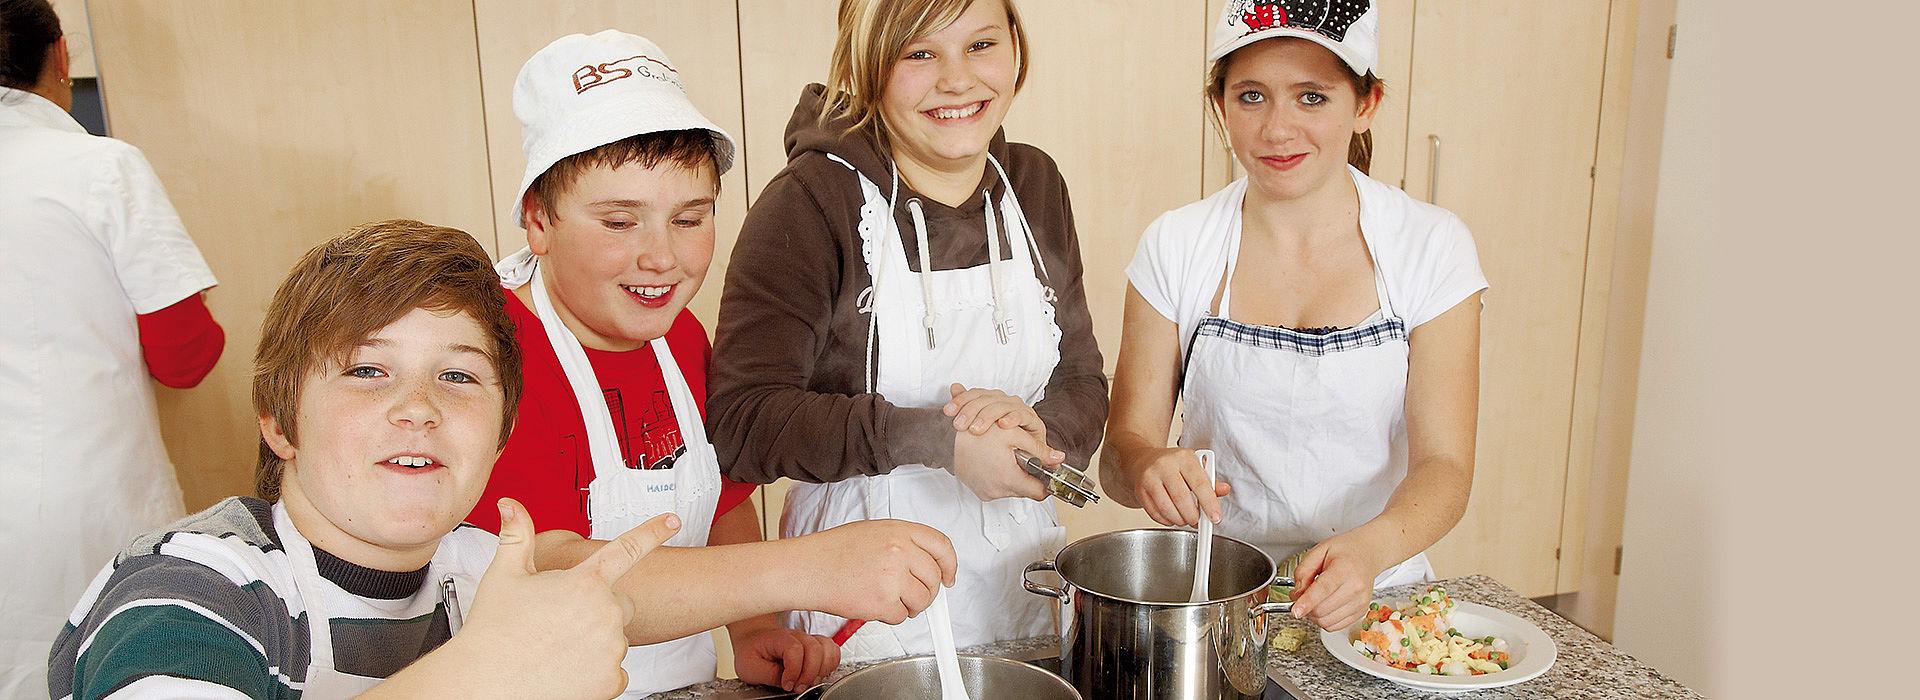 Веселая компания готовит